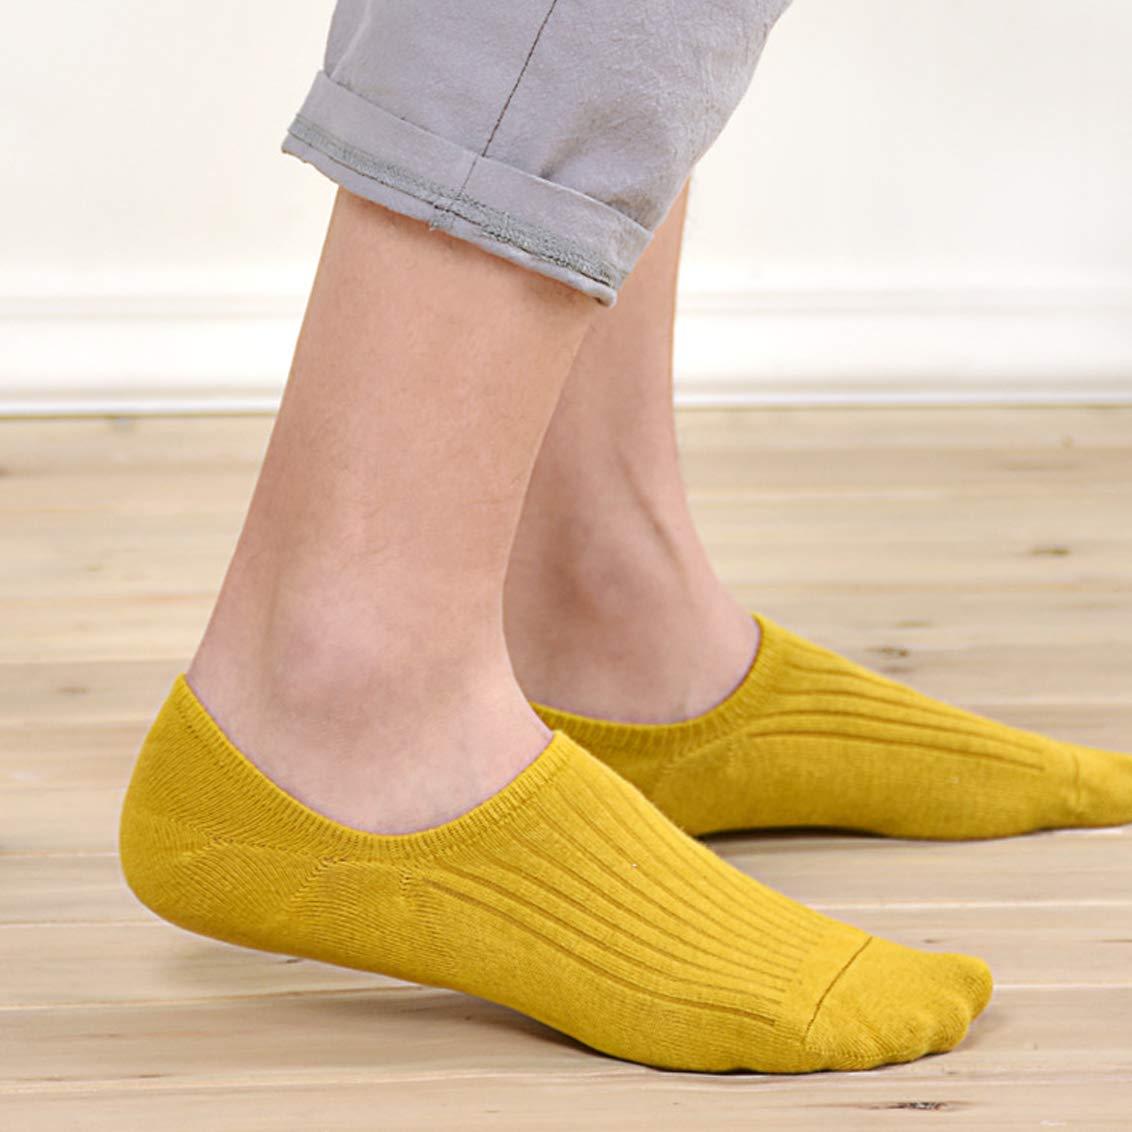 Socquettes Courtes Chaussette Antid/érapantes Respirantes en Cotton pour Mocassins Plats Sneaker 6 Paires Bestele Chaussettes Invisibles Hommes et Femmes